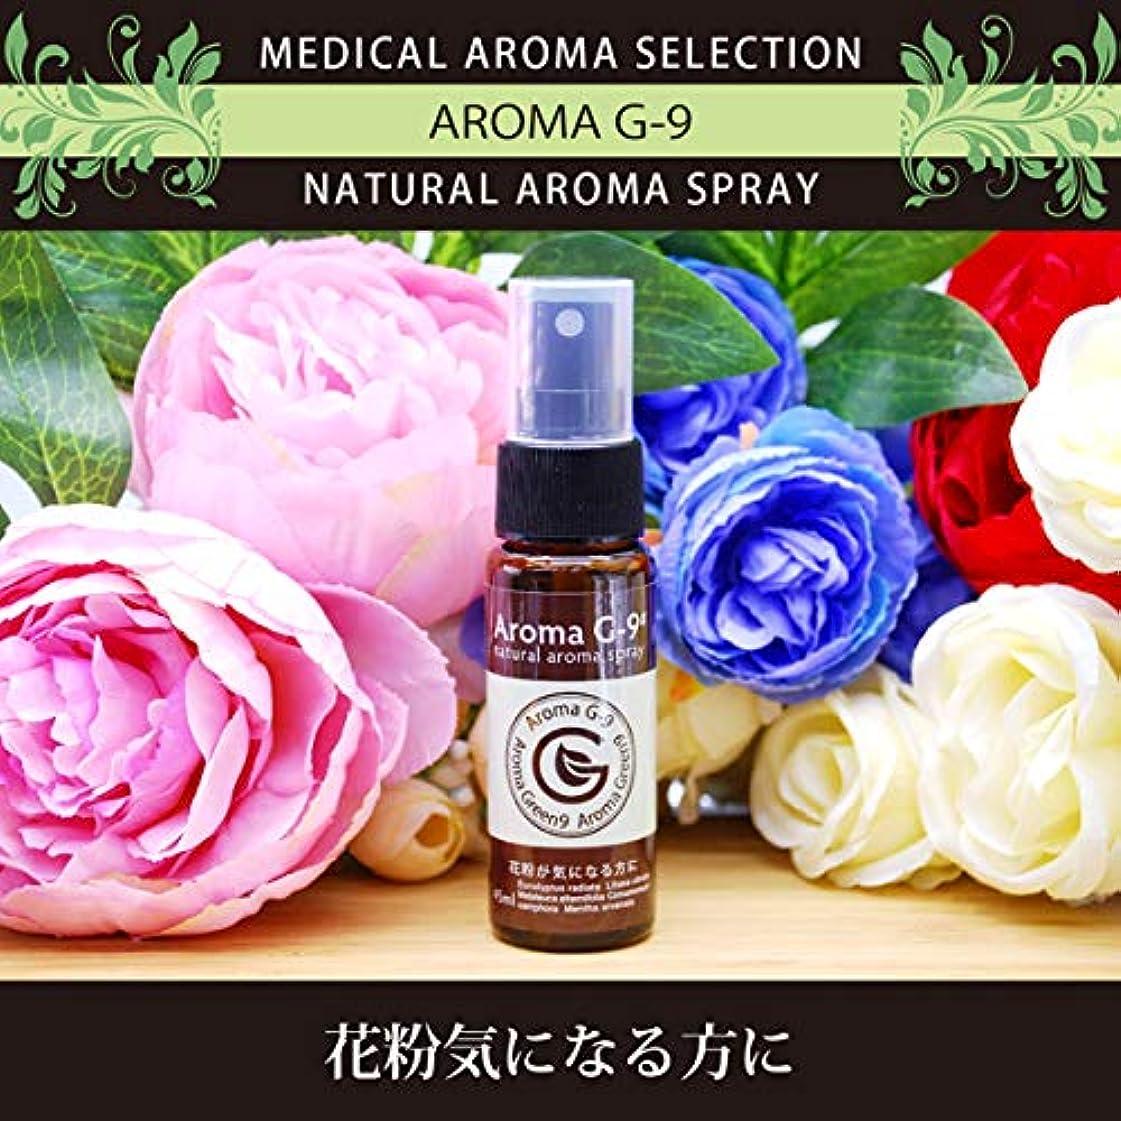 コットン本会議線アロマスプレー Aroma G-9# 花粉症アロマスプレー 45ml